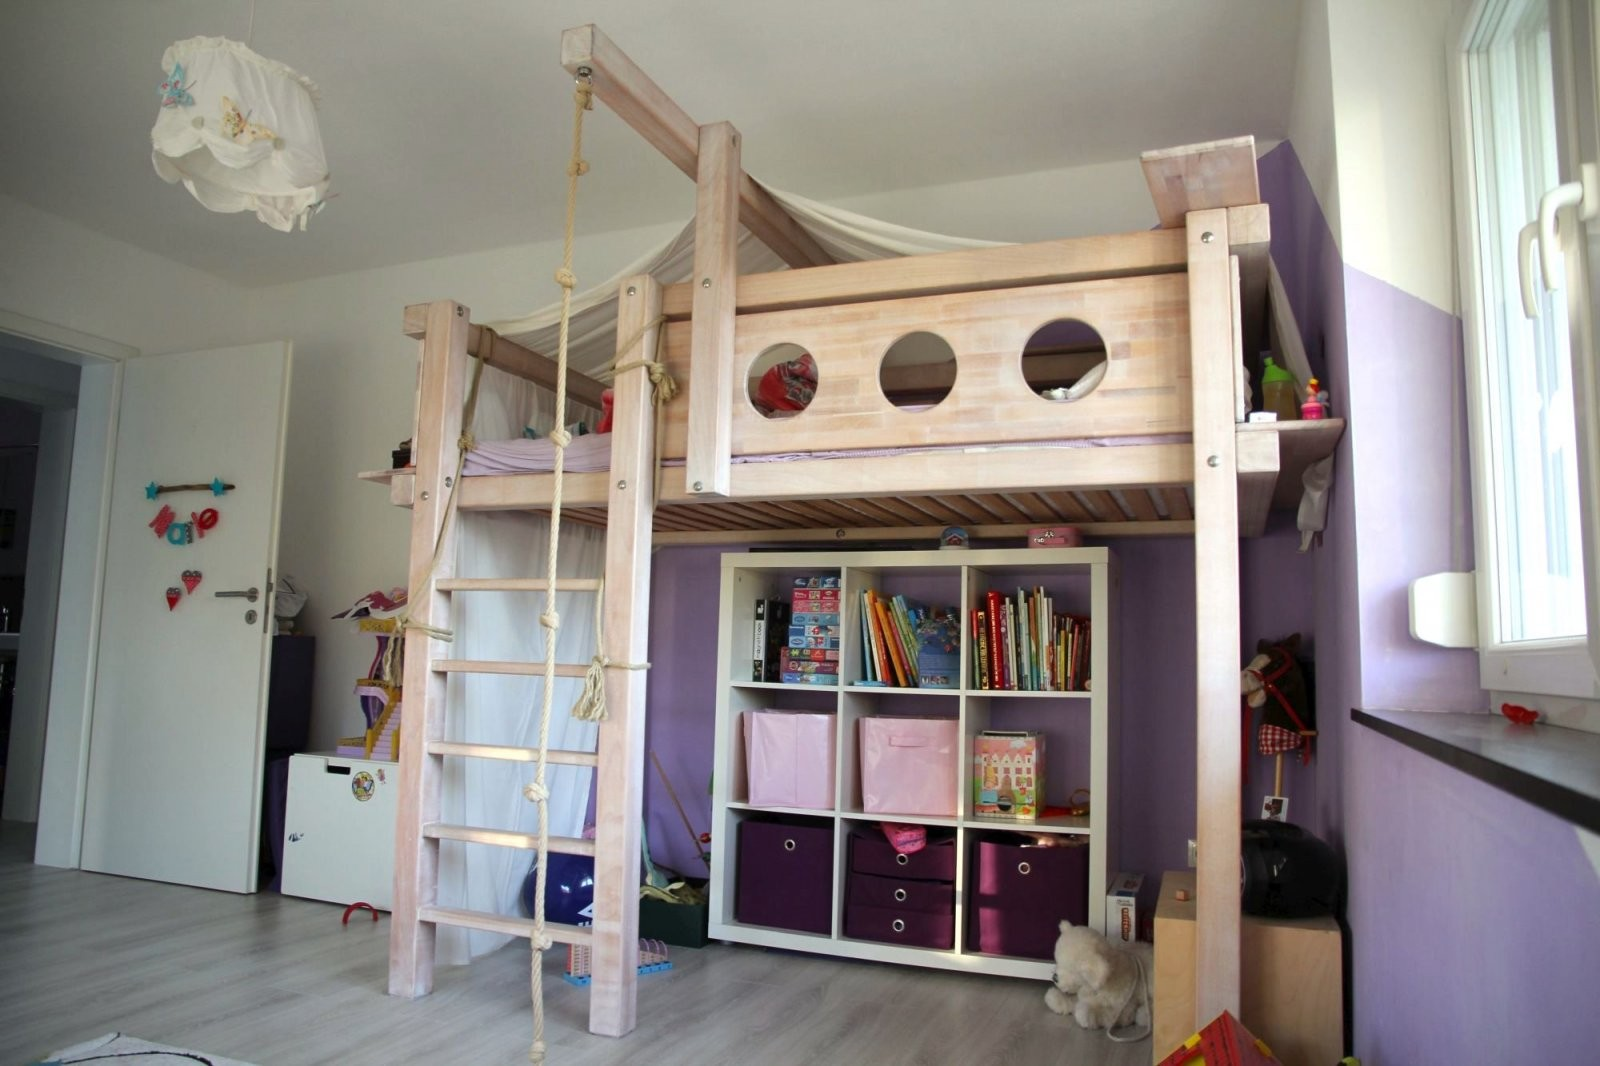 Hochbett Selbst Gebaut  Bauanleitung Für Ein Massives Hochbett von Hochbett Für Kinder Selber Bauen Photo